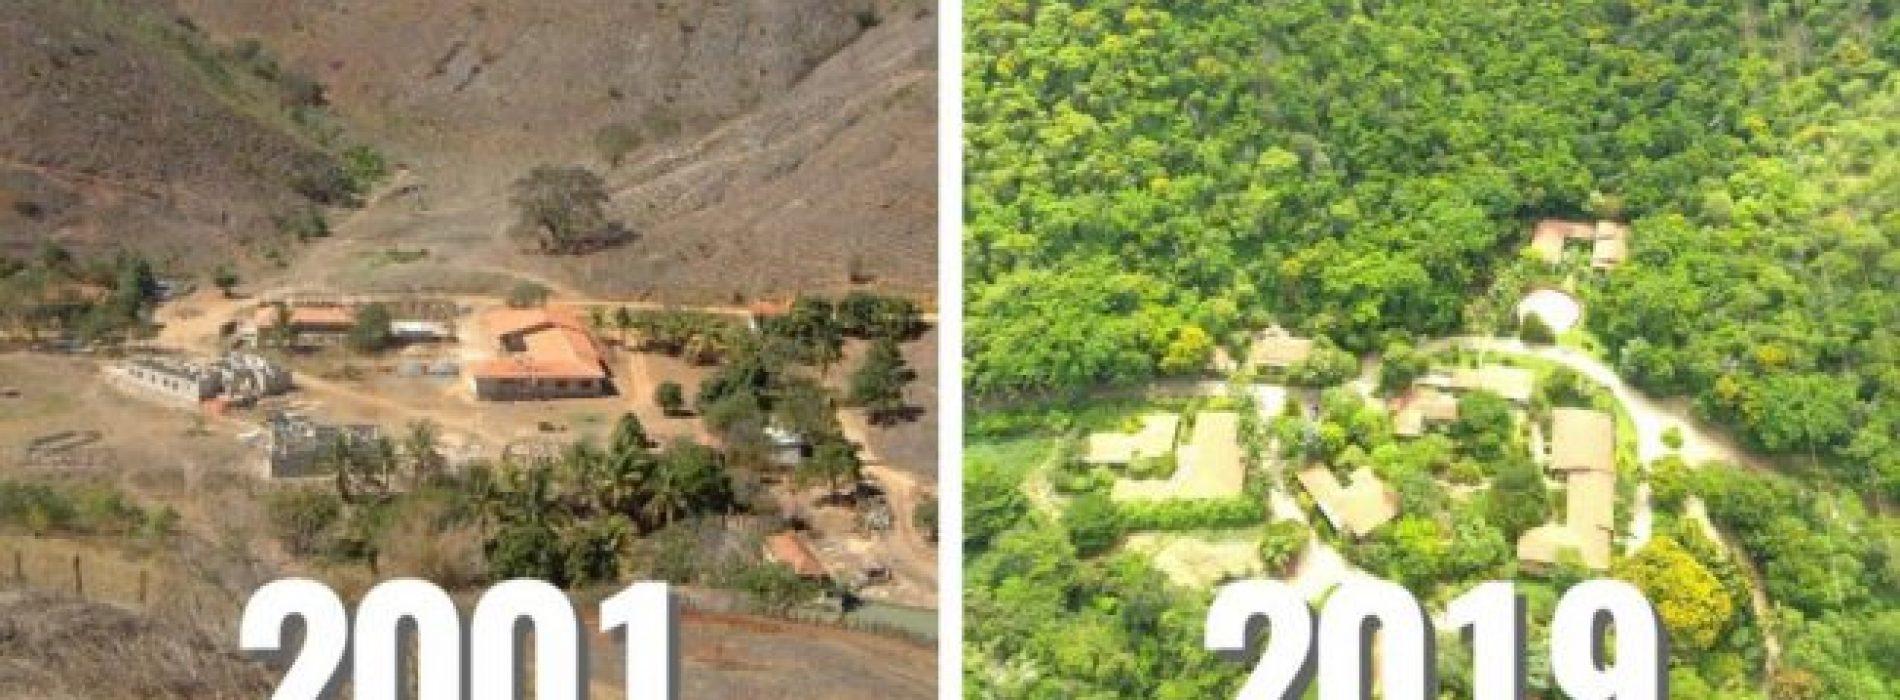 Stel besteedt 20 jaar aan het planten van bos en honderden bedreigde diersoorten zijn weer teruggekeerd